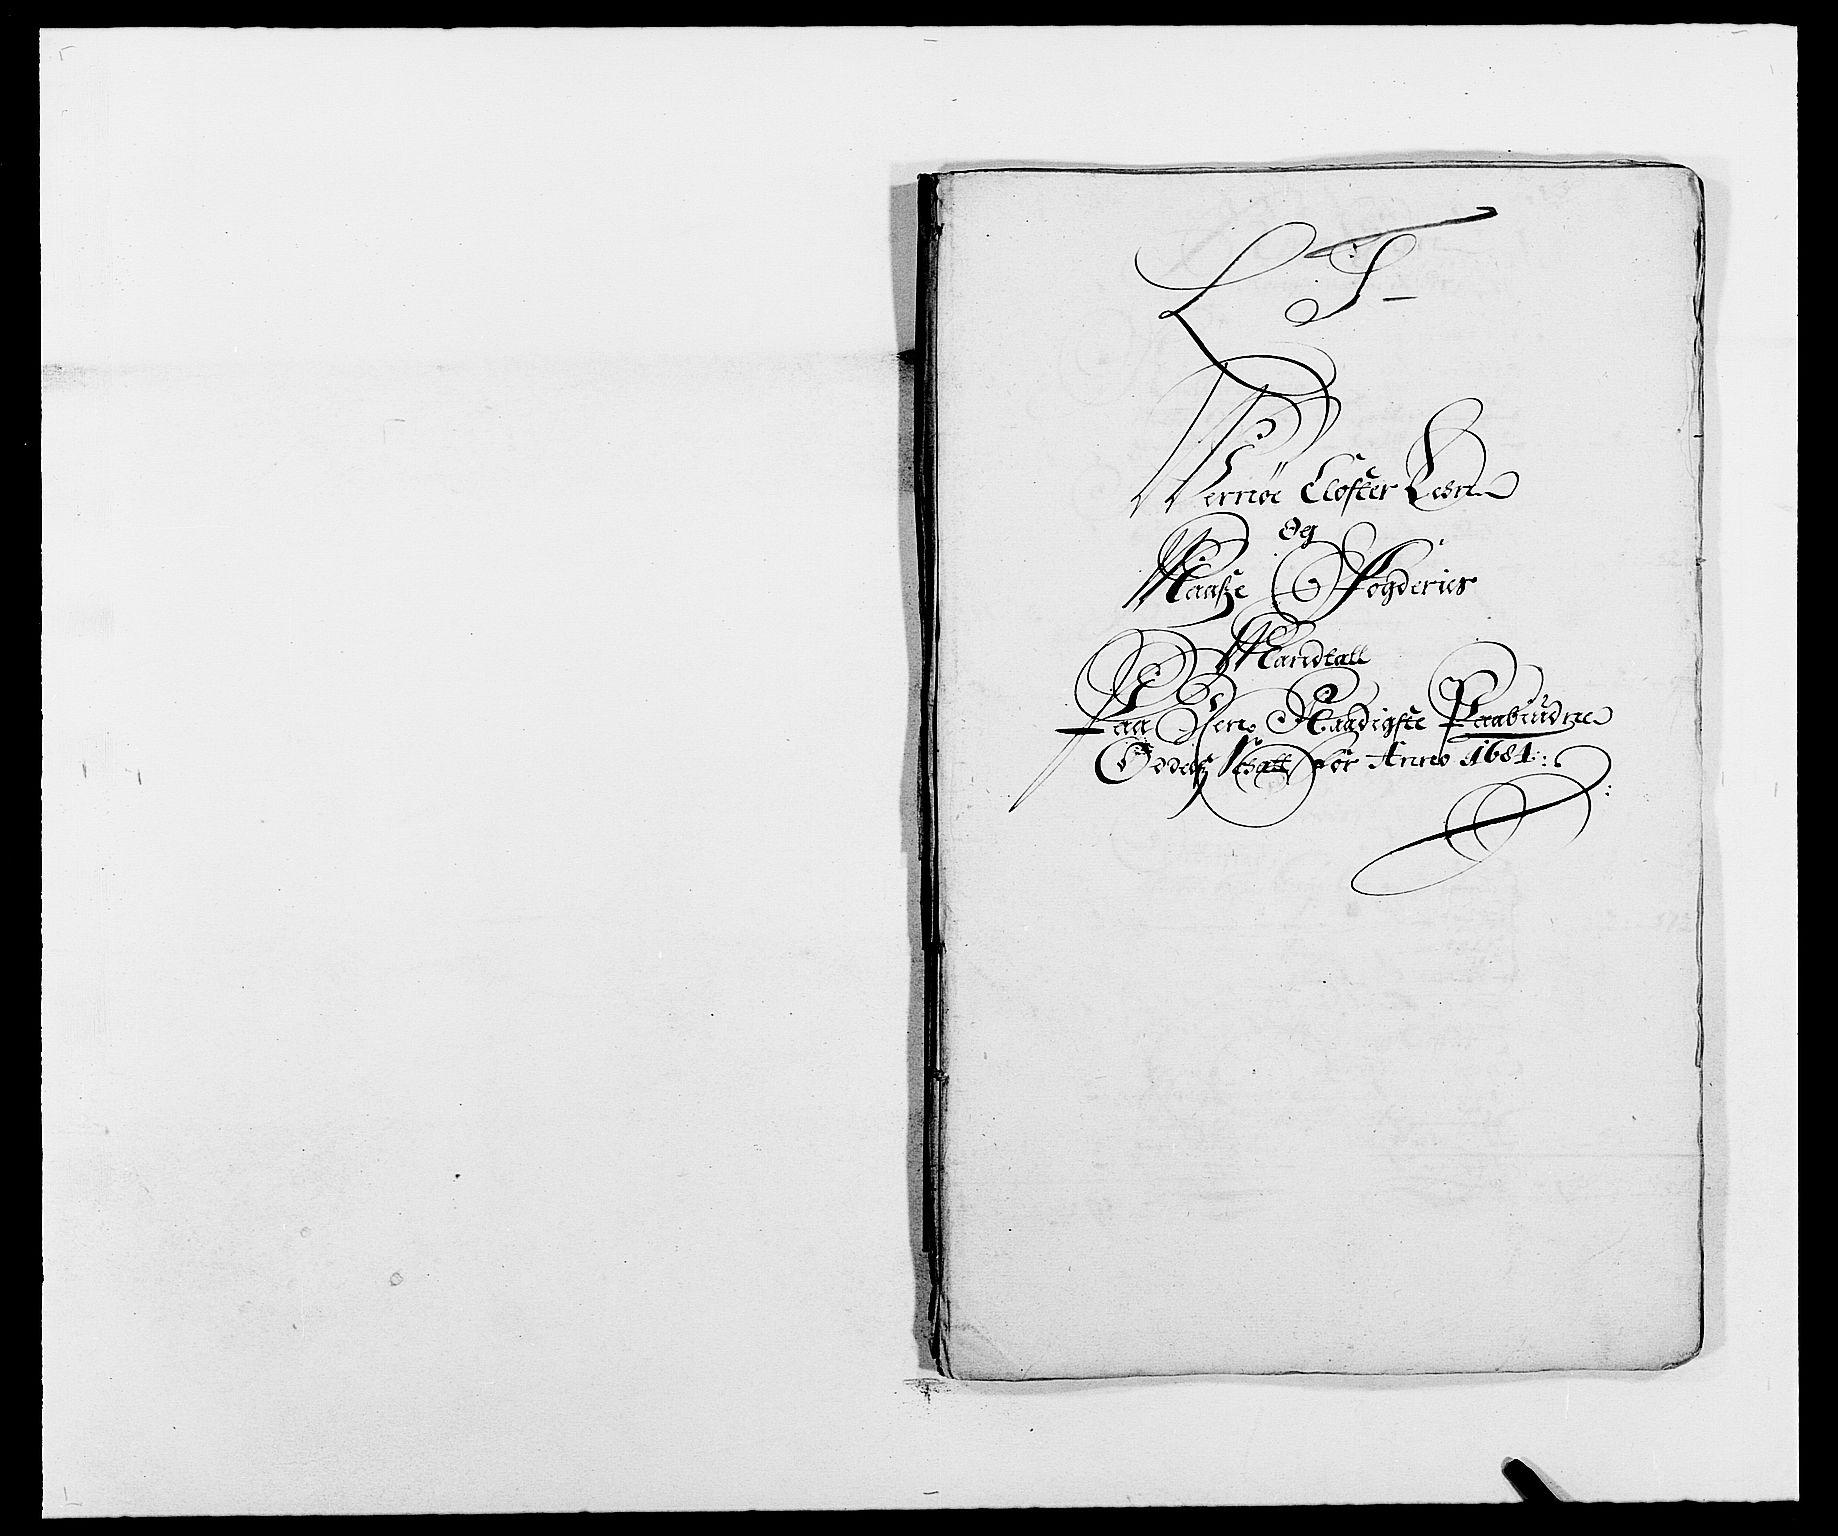 RA, Rentekammeret inntil 1814, Reviderte regnskaper, Fogderegnskap, R02/L0103: Fogderegnskap Moss og Verne kloster, 1682-1684, p. 483